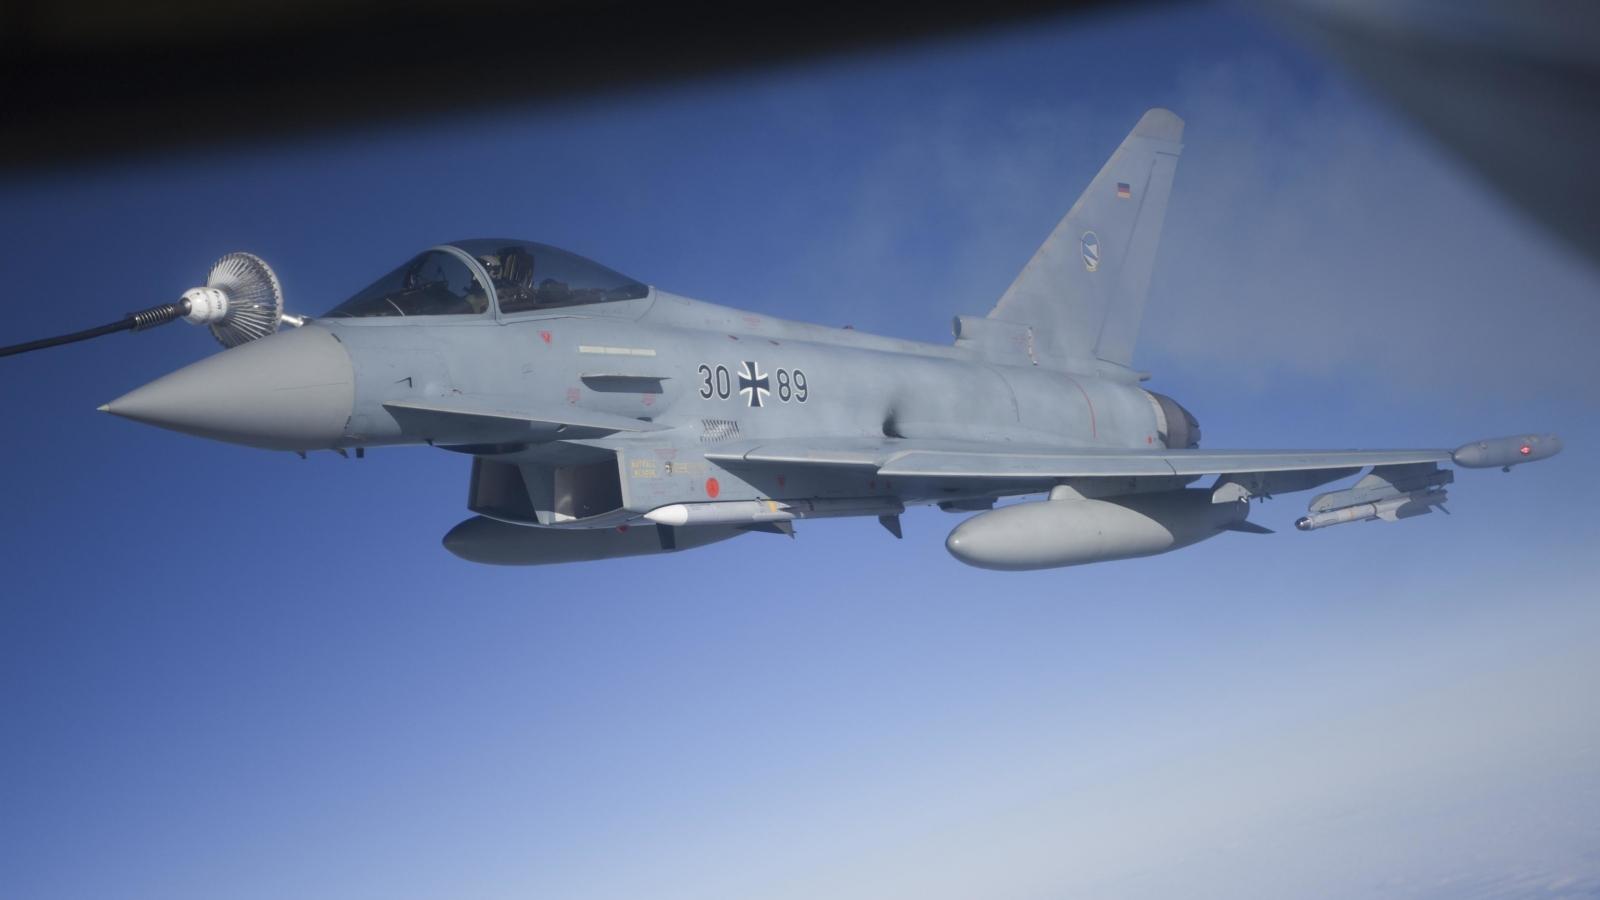 Xem máy bay KC-135R tiếp nhiên liệu cho tiêm kích Eurofighter Typhoon và Tornado